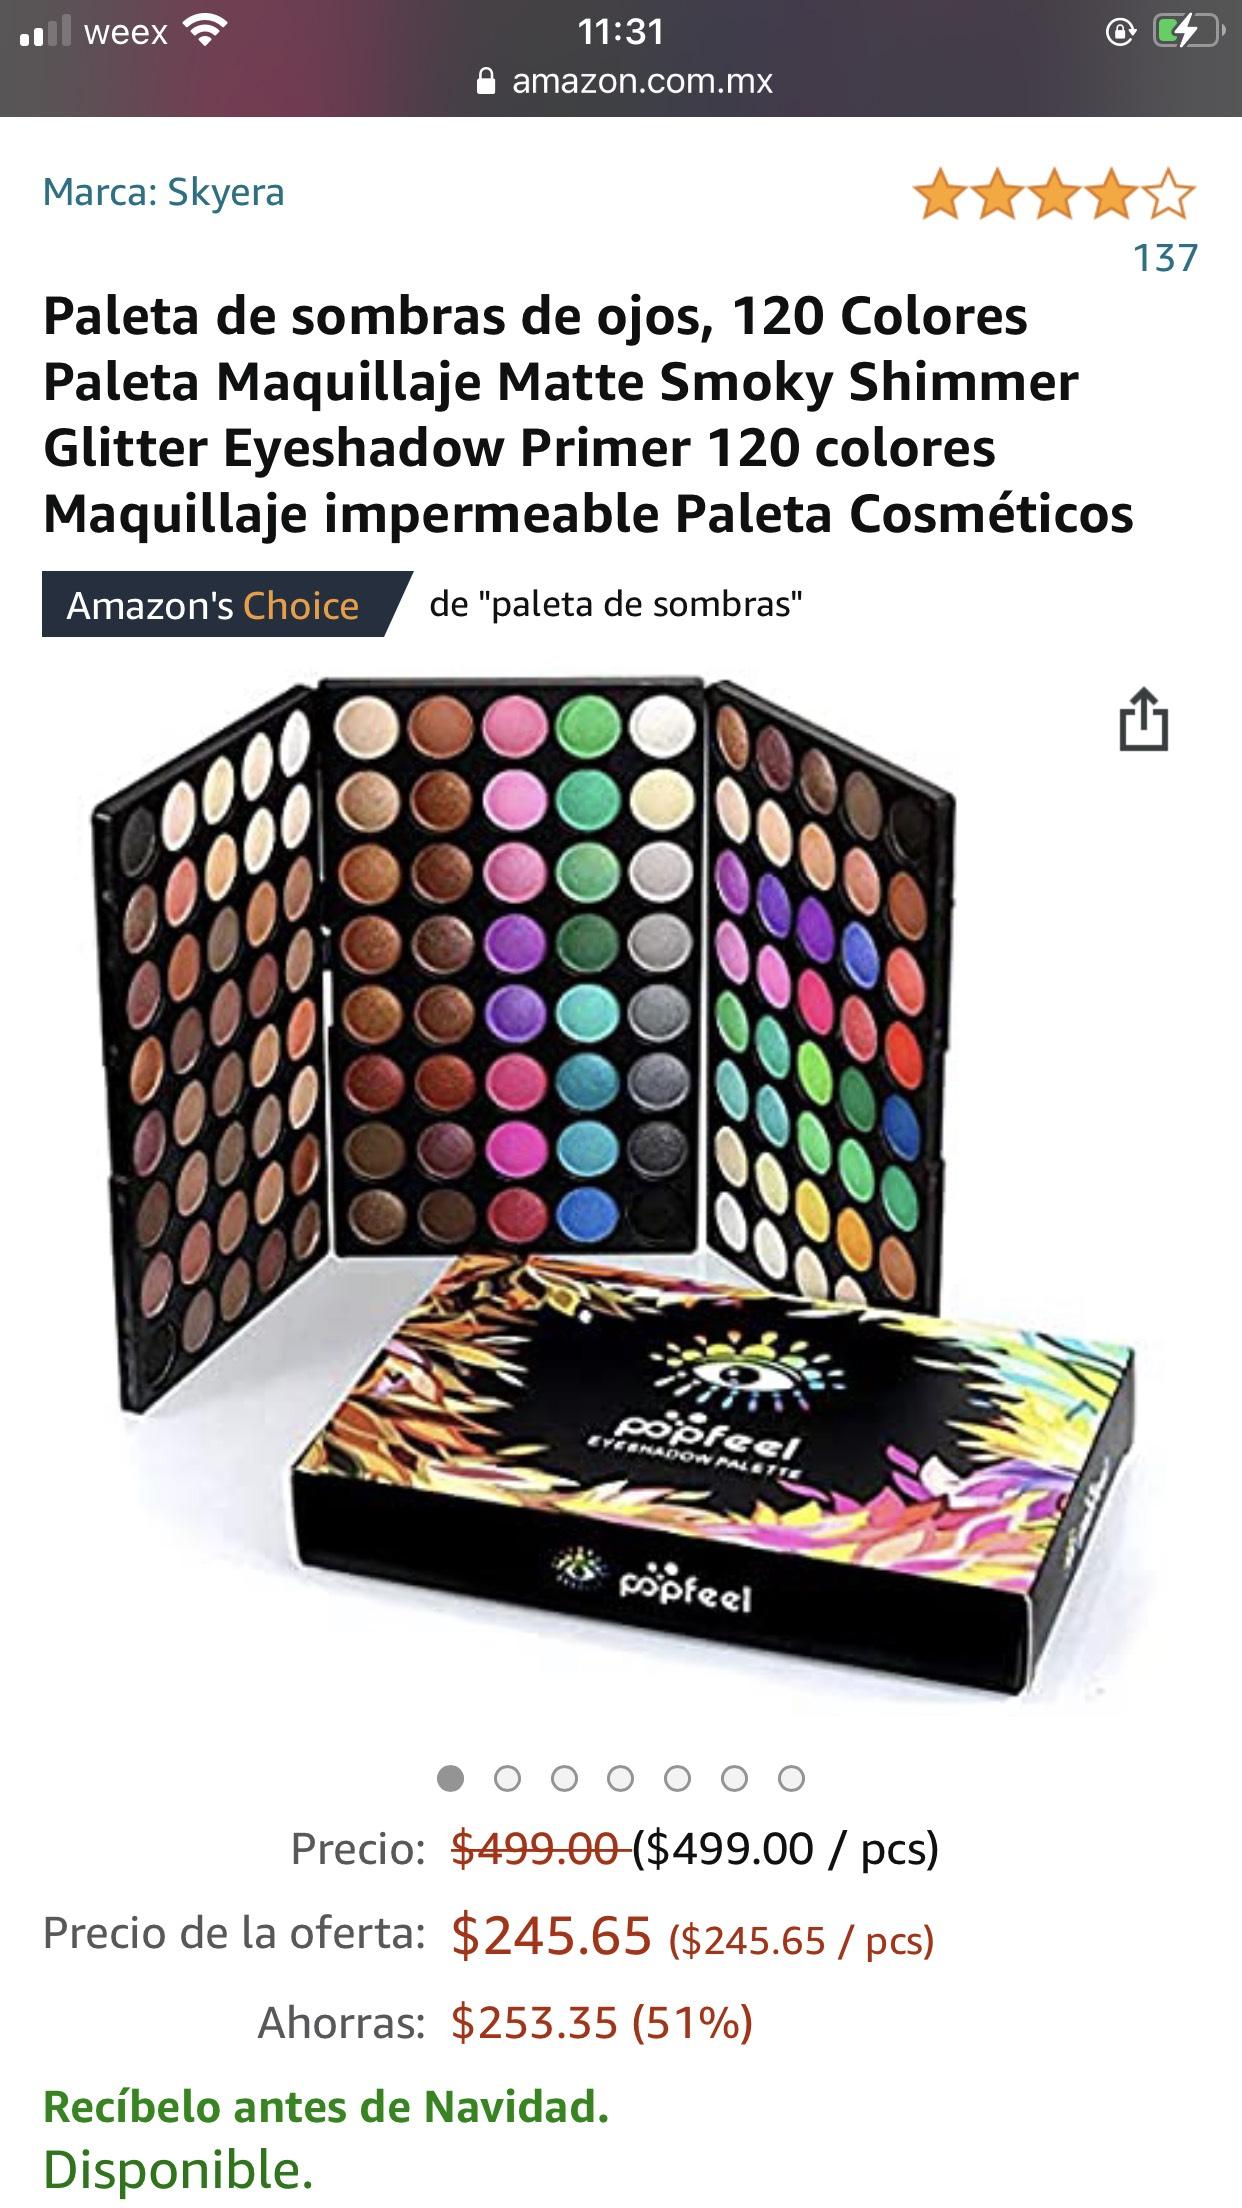 Amazon: Paleta de sombras de ojos de 120 Colores